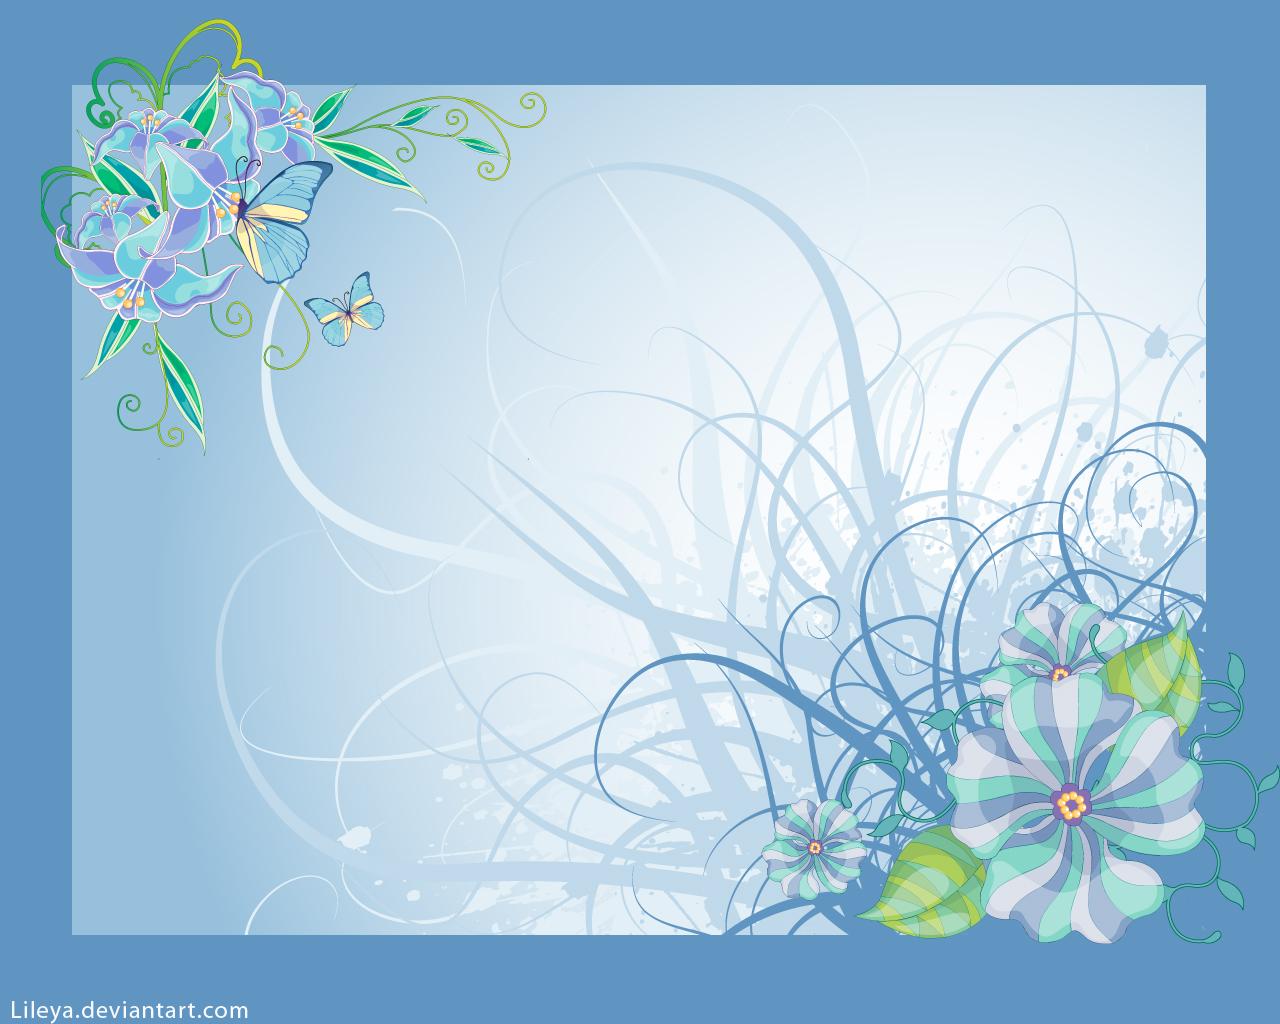 http://2.bp.blogspot.com/-Q5BoqBdYtdc/T8zFDRCSljI/AAAAAAAAEgg/CPd0hw2NZ5o/s1600/Flower-wallpaper-25.jpg